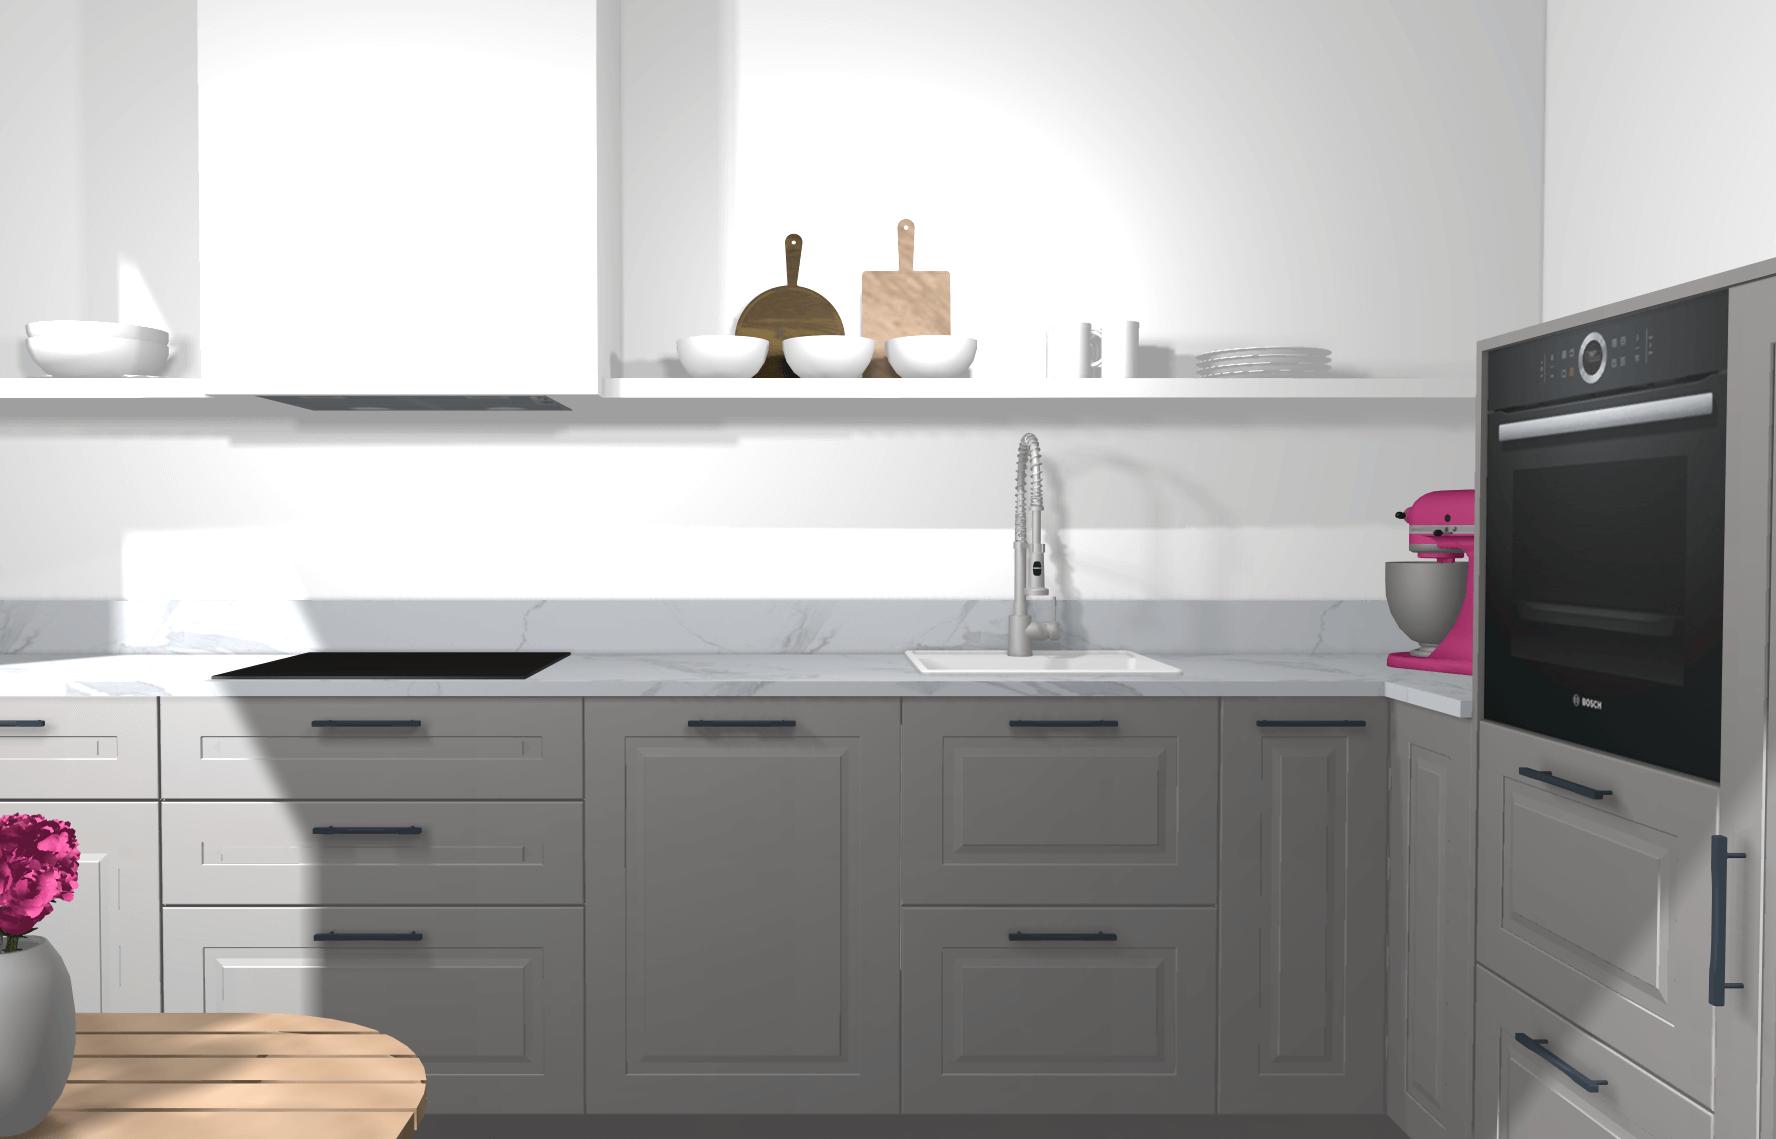 Full Size of Küchen Wandregal Ikea Kche Planen Stylische Designerkche Mit Kleinem Budget Regal Küche Kosten Bad Sofa Schlaffunktion Kaufen Betten Bei Modulküche Landhaus Wohnzimmer Küchen Wandregal Ikea